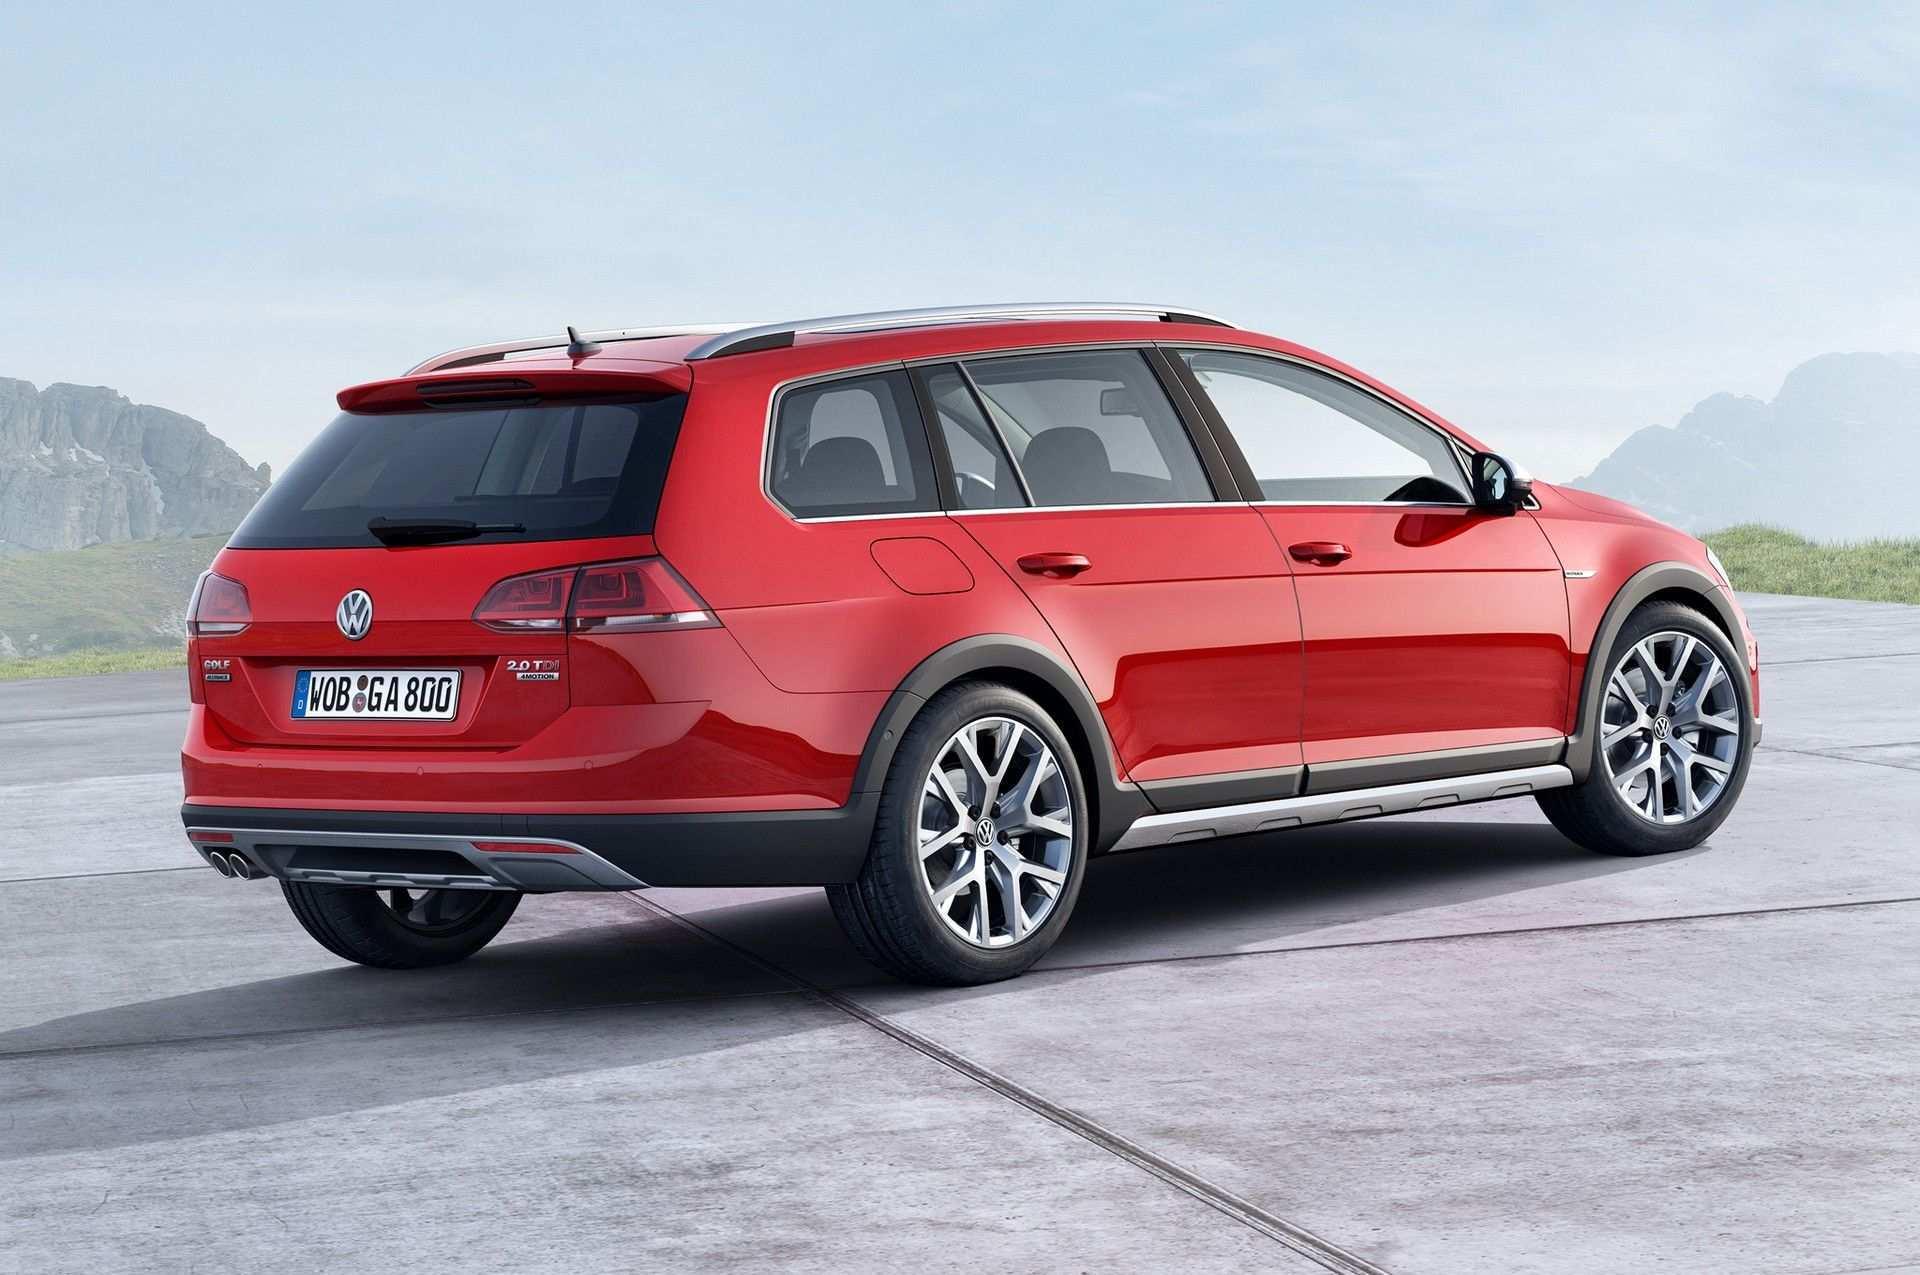 86 Great 2020 Volkswagen Golf Sportwagen Ratings with 2020 Volkswagen Golf Sportwagen